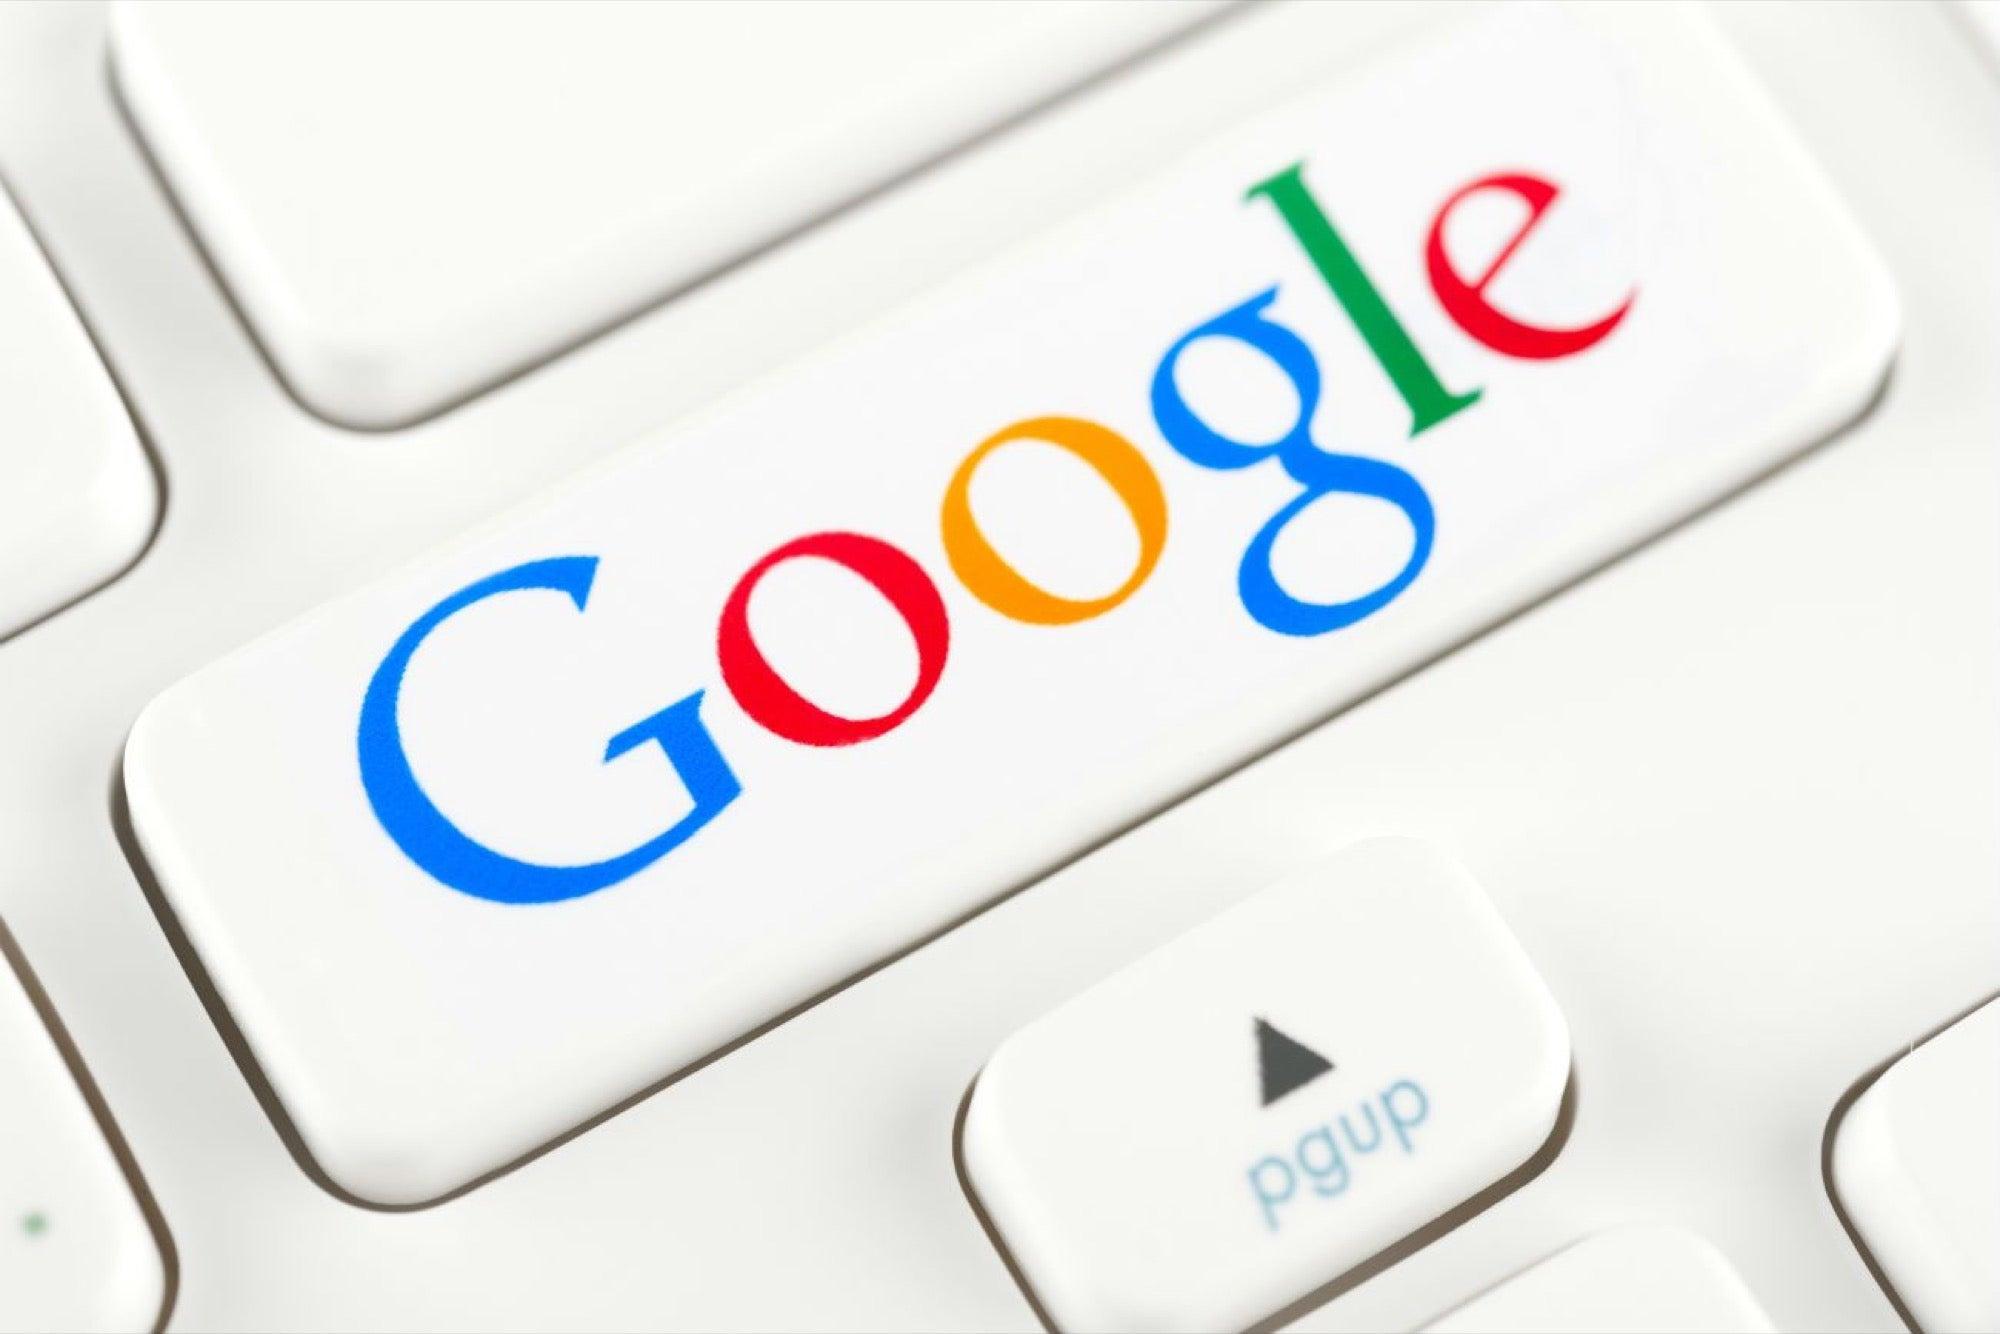 Demandan a Google por $us 5.000.000.000 por invasión a la privacidad de sus usuarios